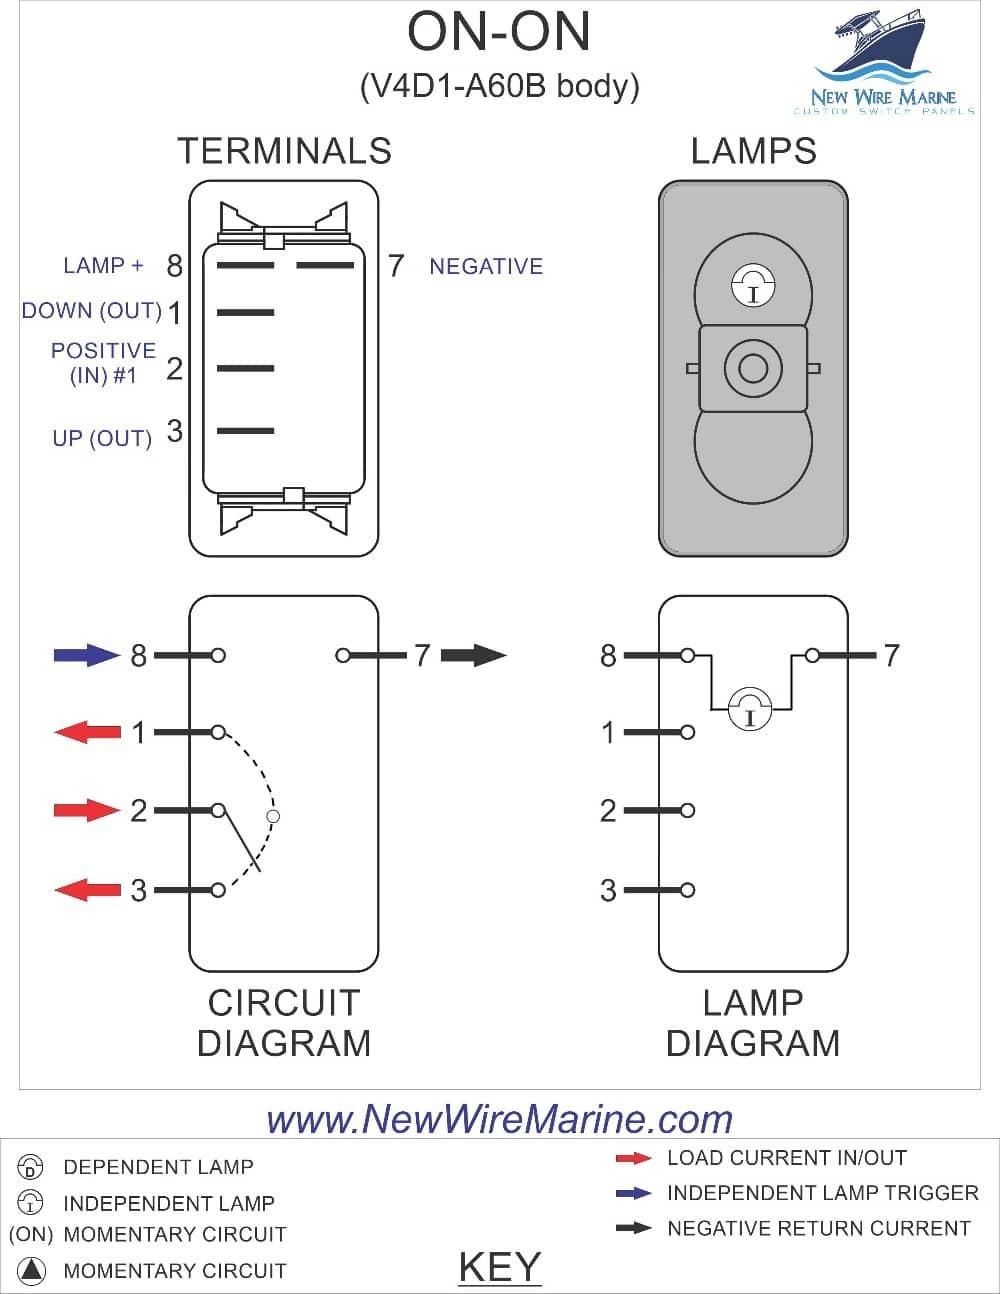 3 way rocker switch wiring diagram diagram 3 way toggle switch wiring diagram unique image cheapraybanclubmaster Choice Image